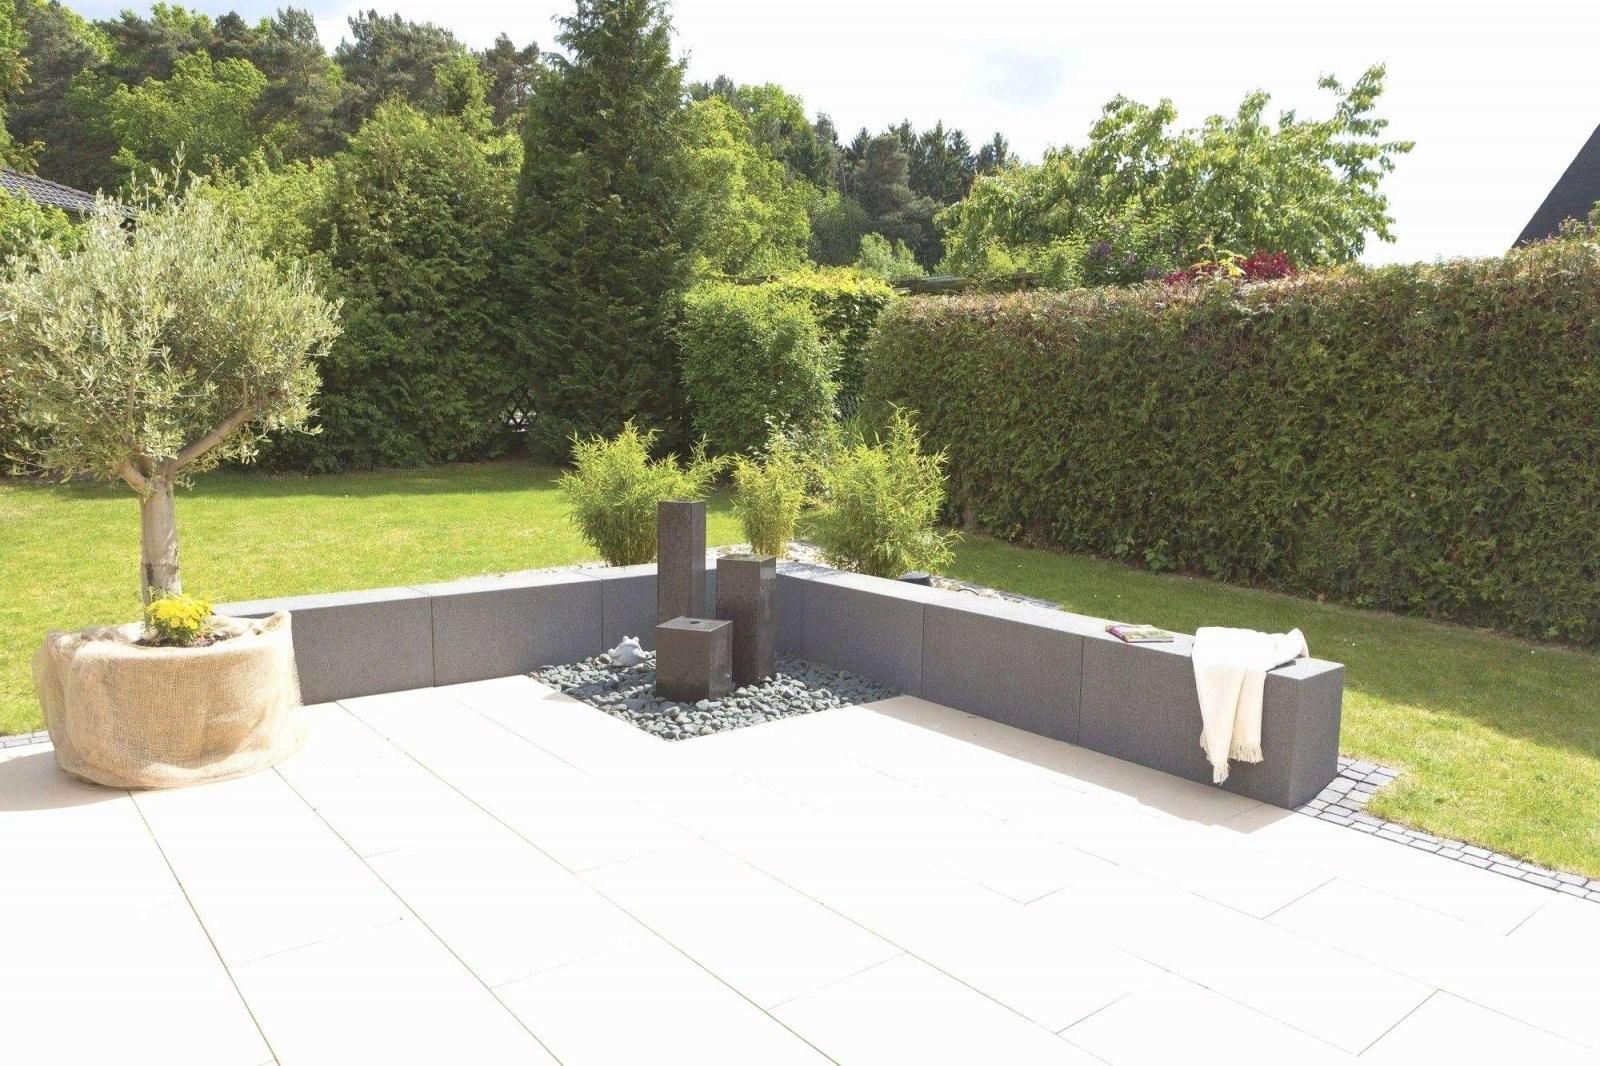 42 Neu Terrassen Sichtschutz Pflanzen Stock Tolle Für Sichtschutz von Pflanzen Als Sichtschutz Terrasse Photo